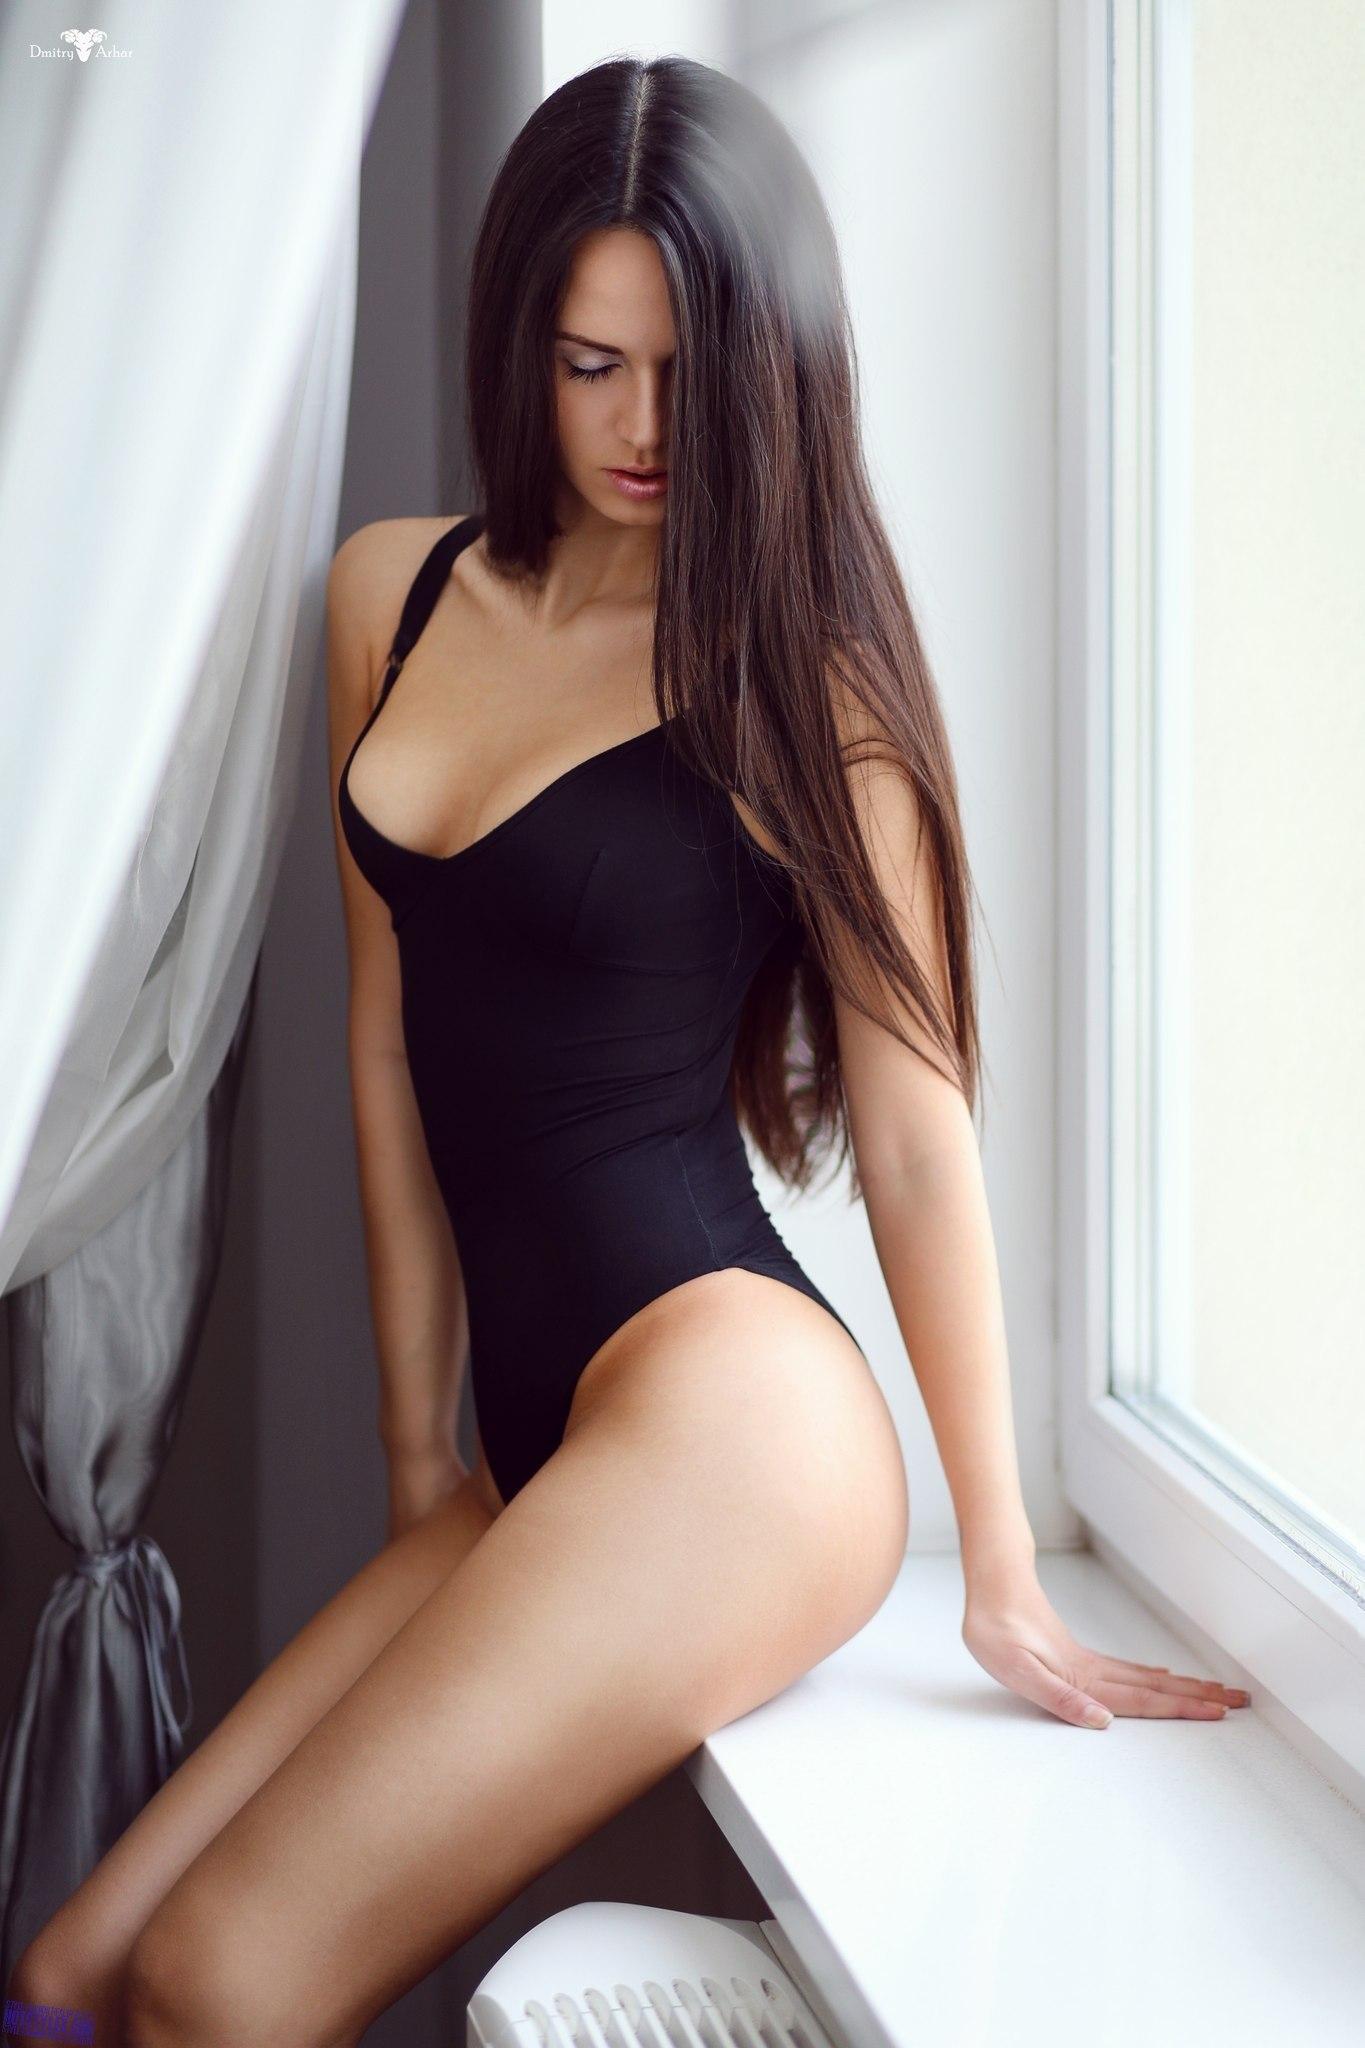 Самые красивые девушки екатеринбурга 4 фотография